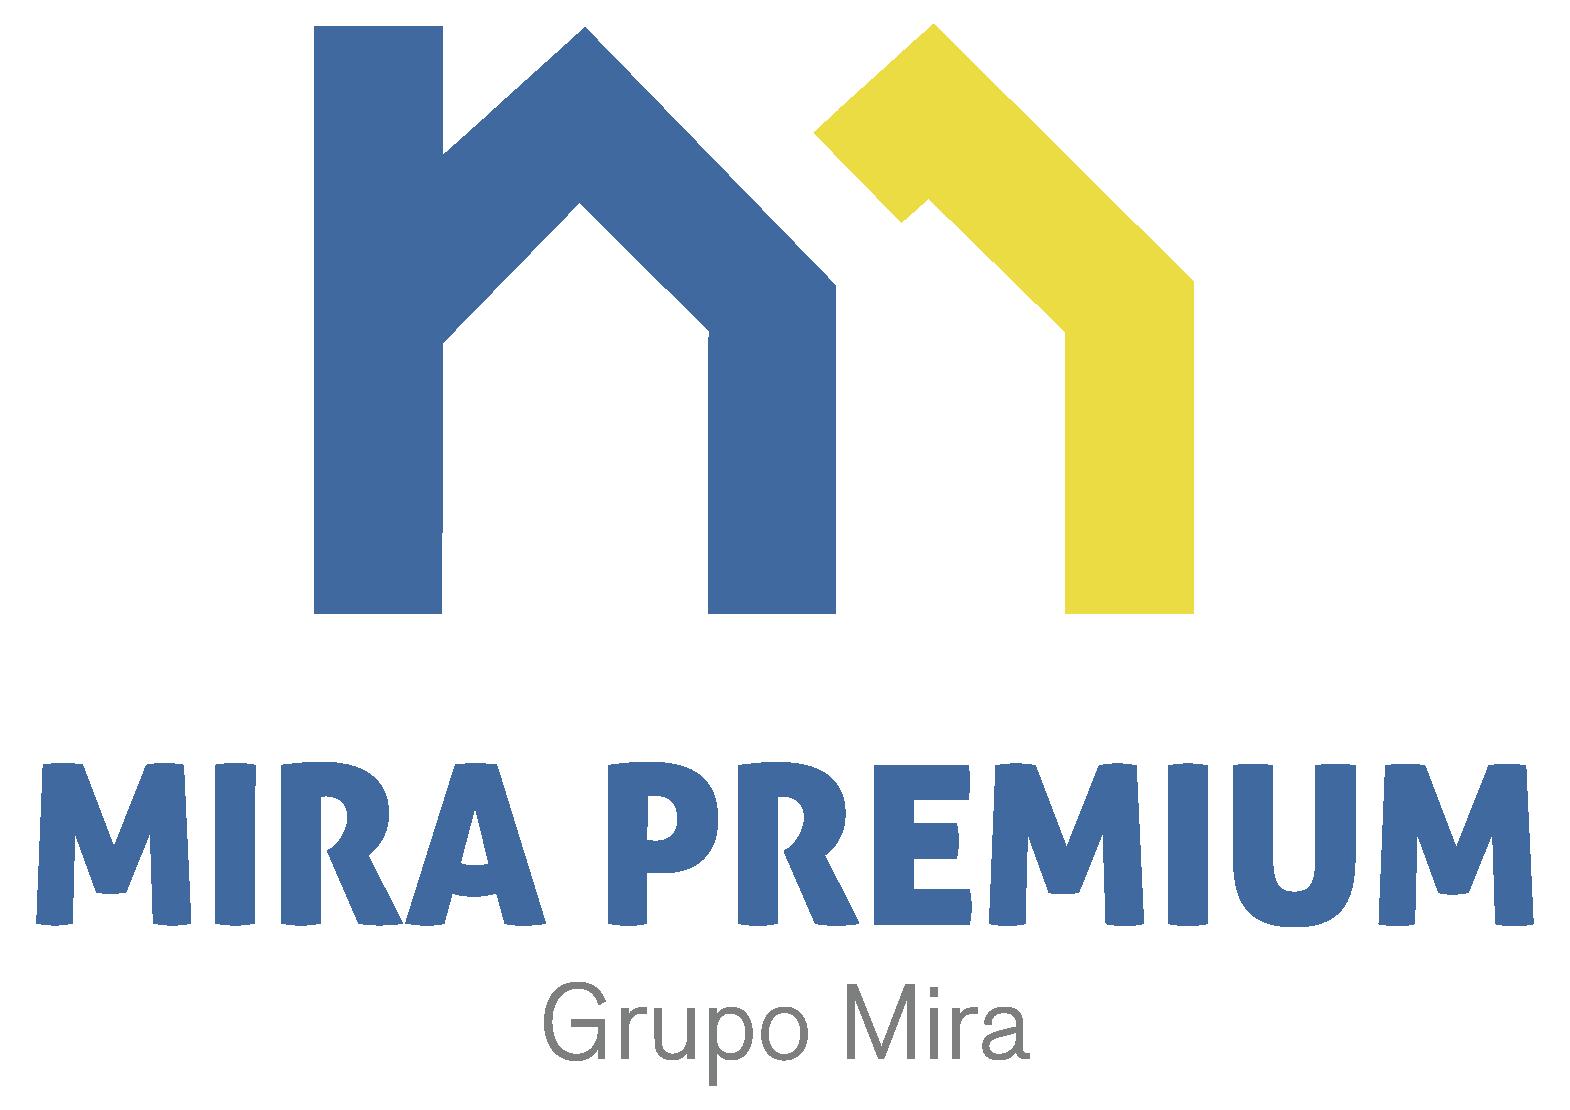 Mira Premium Lda